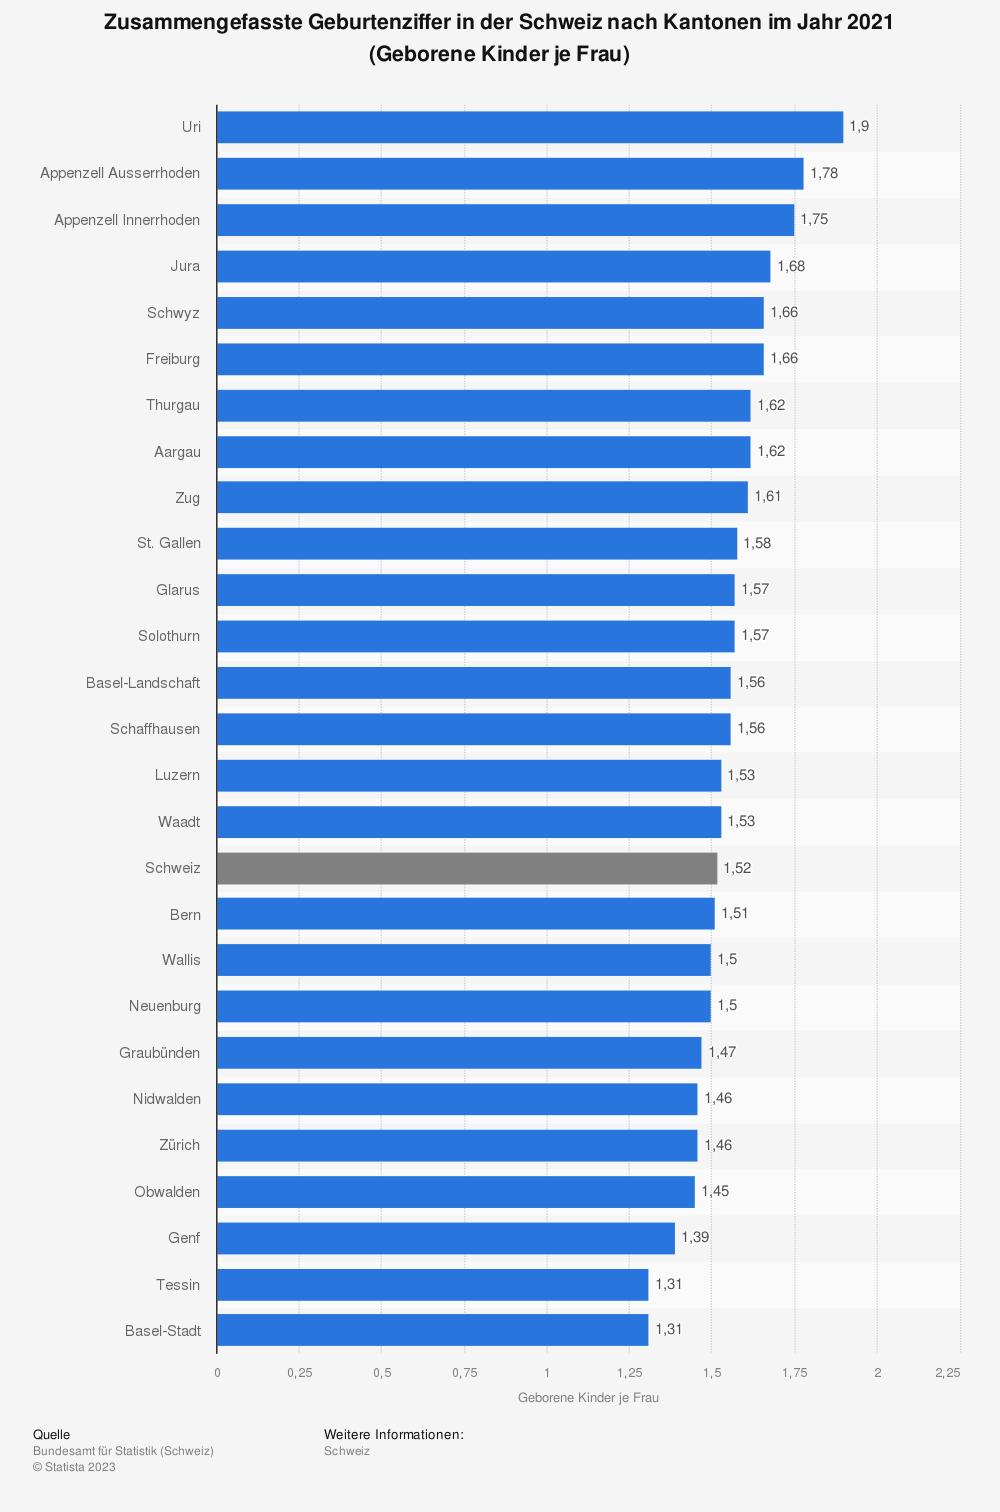 Statistik: Zusammengefasste Geburtenziffer in der Schweiz nach Kantonen im Jahr 2017 (Geborene Kinder je Frau) | Statista